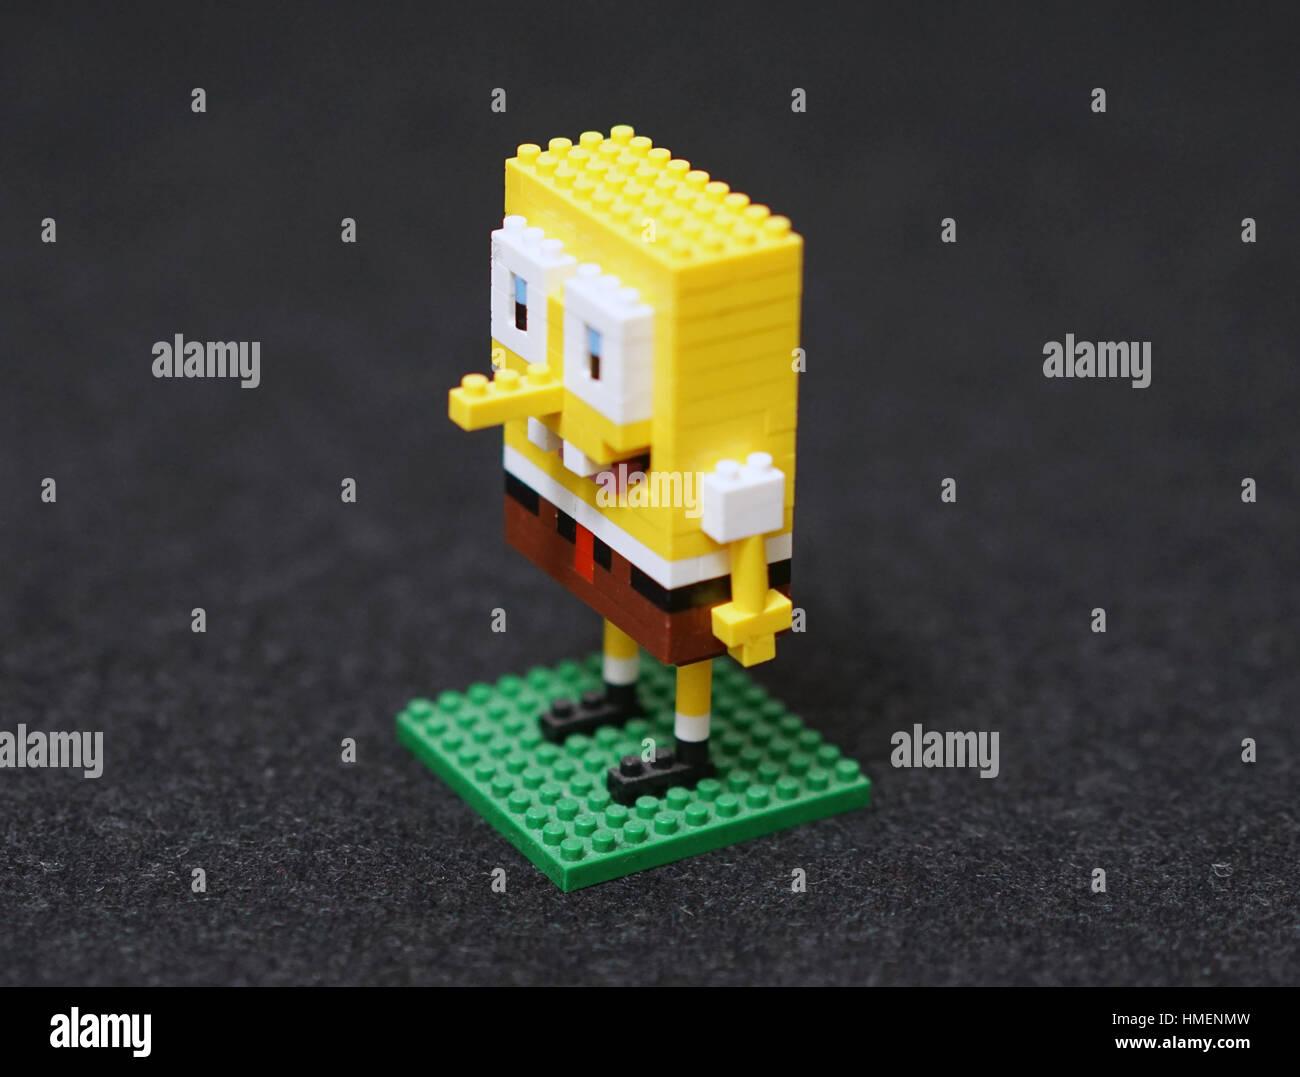 Bob Esponja Sonriente: Spongebob Cartoon Imágenes De Stock & Spongebob Cartoon